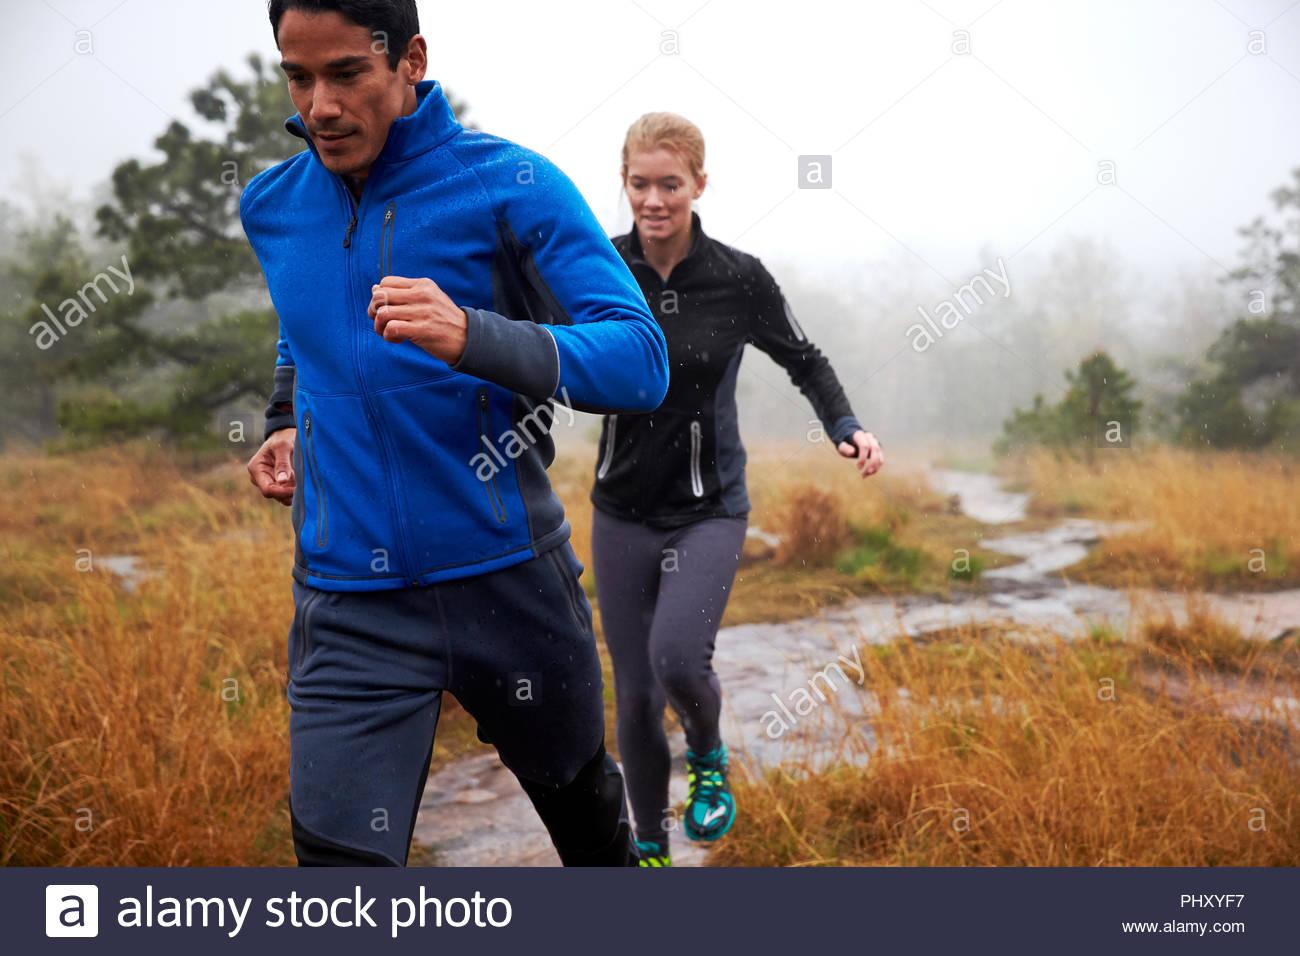 Pareja joven corriendo en un río Imagen De Stock